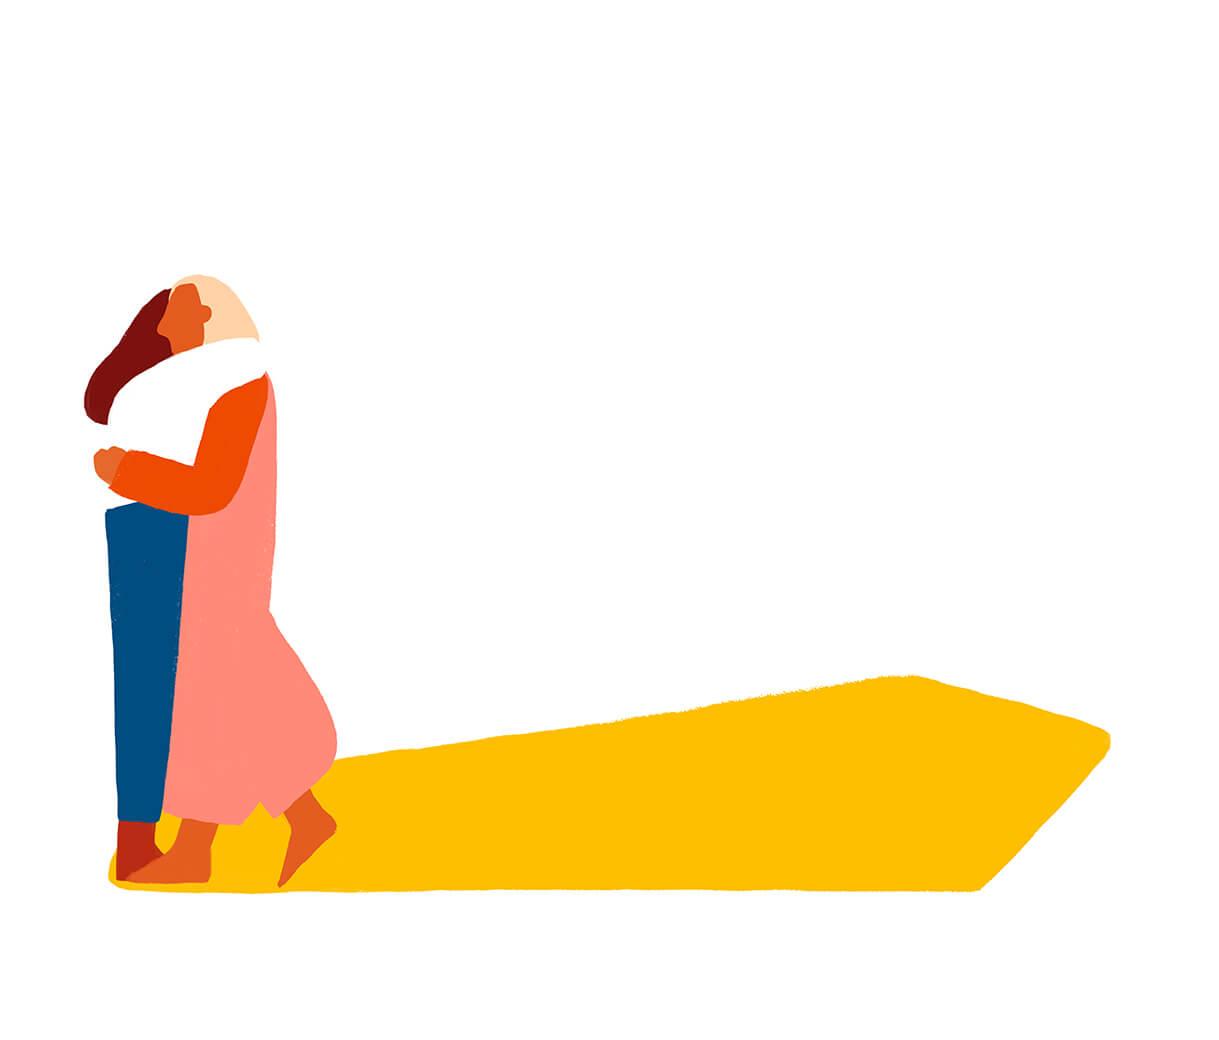 home-couple-people-together-illustration-house-hogar-violeta-noy-3